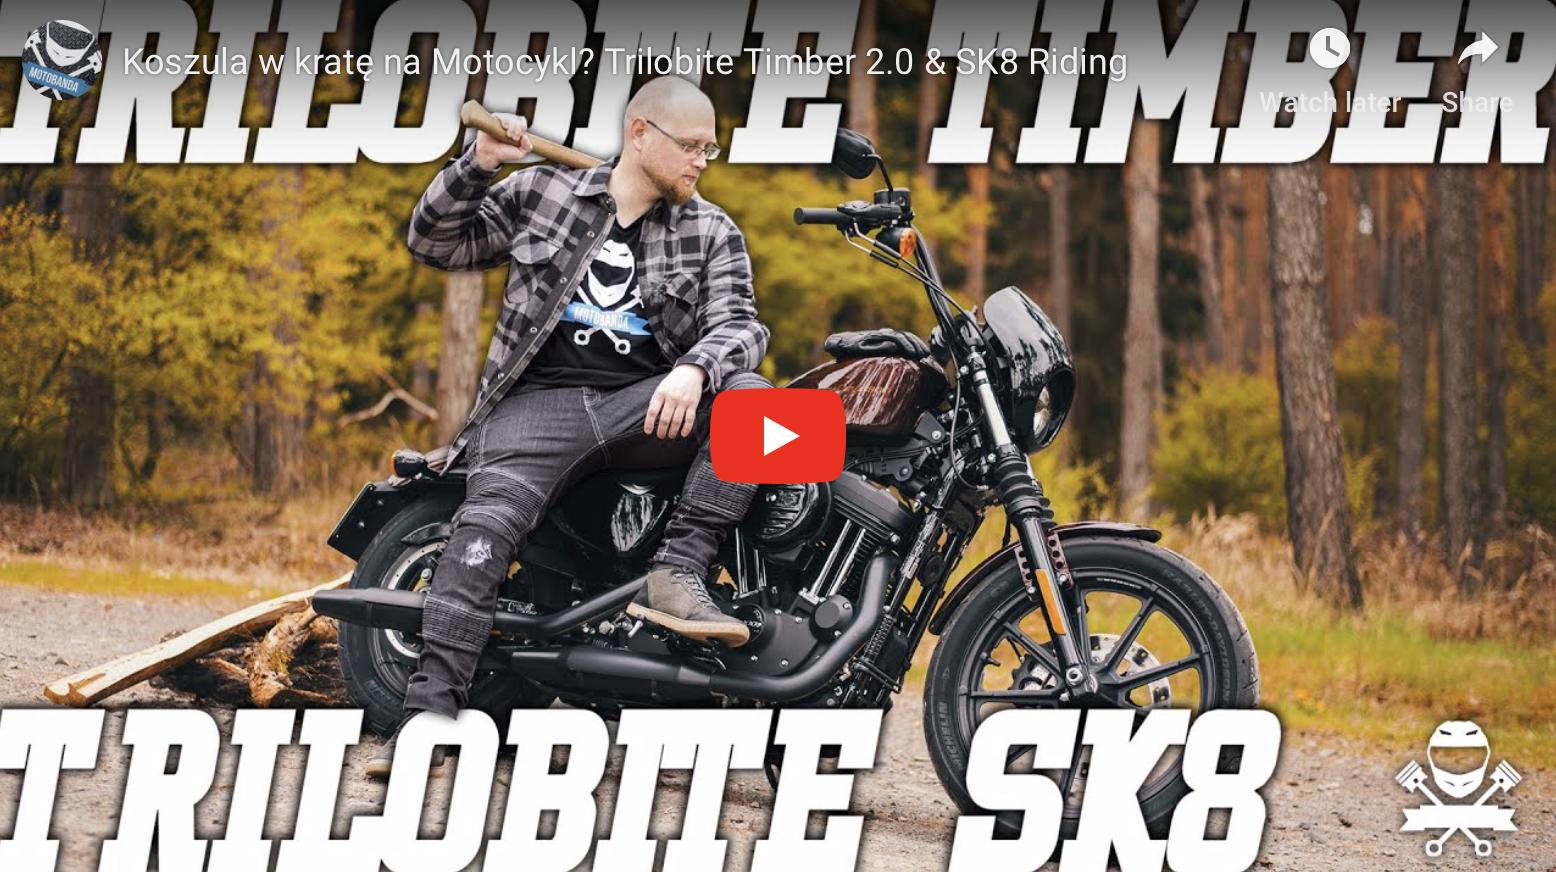 Czy koszula flanelowa na motocykl chroni?